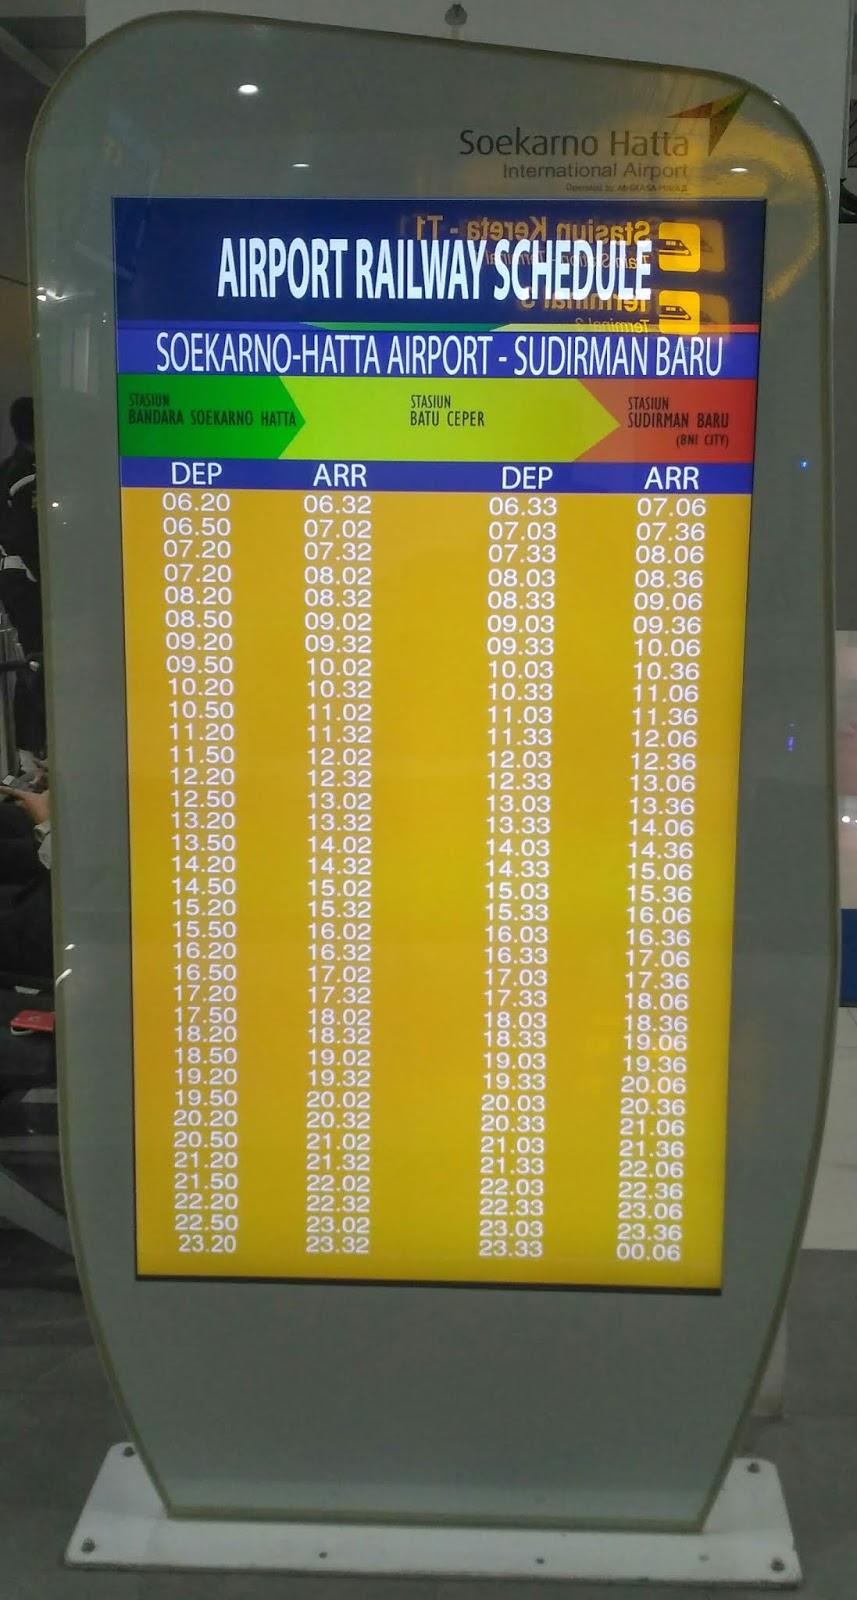 33 12 50 20 >> Yuk Rasakan Mudahnya Naik Kereta Bandara Soekarno Hatta